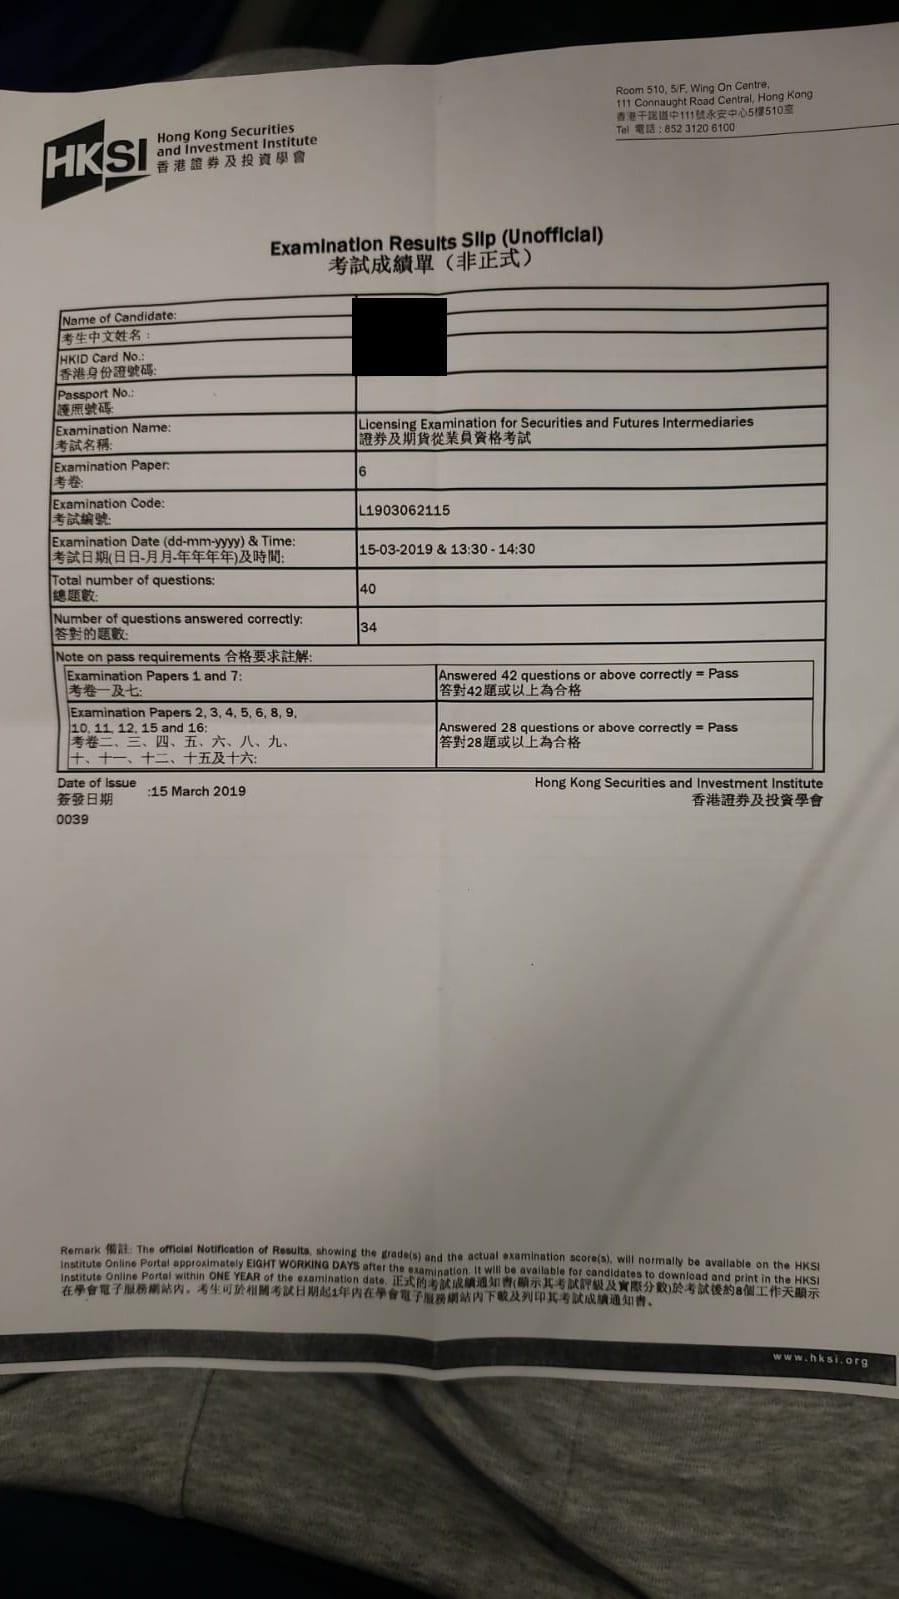 KHC 15/3/2019 LE Paper 6 證券期貨從業員資格考試卷六 Pass